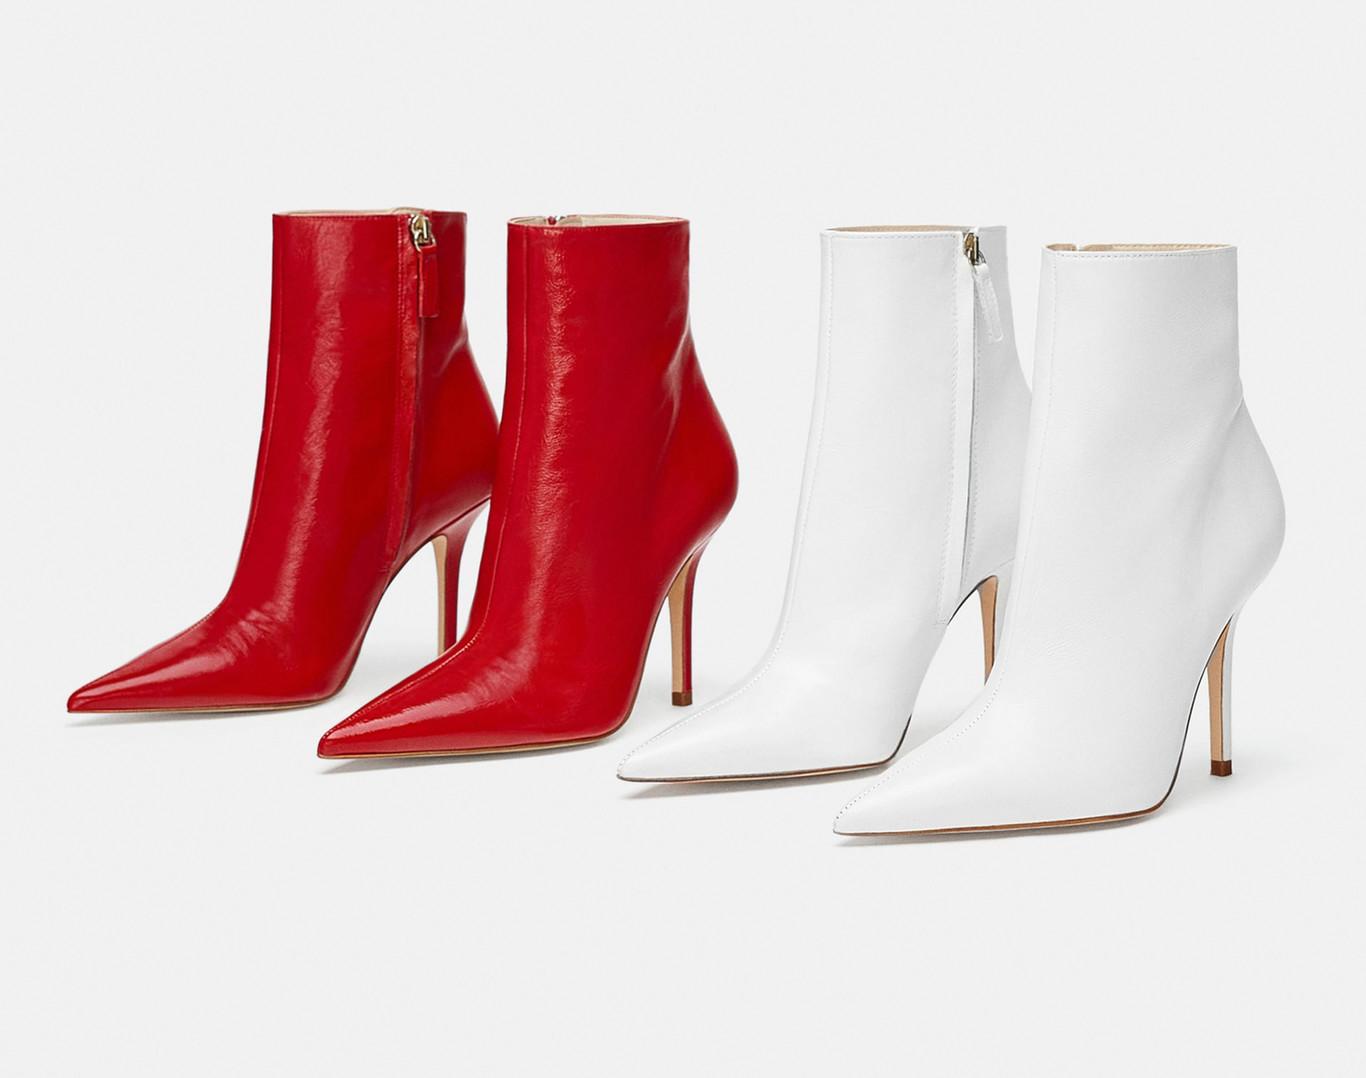 a3cd38dbe0 29 zapatos de Zara que son tendencia esta temporada Otoño-Invierno 2018 2019